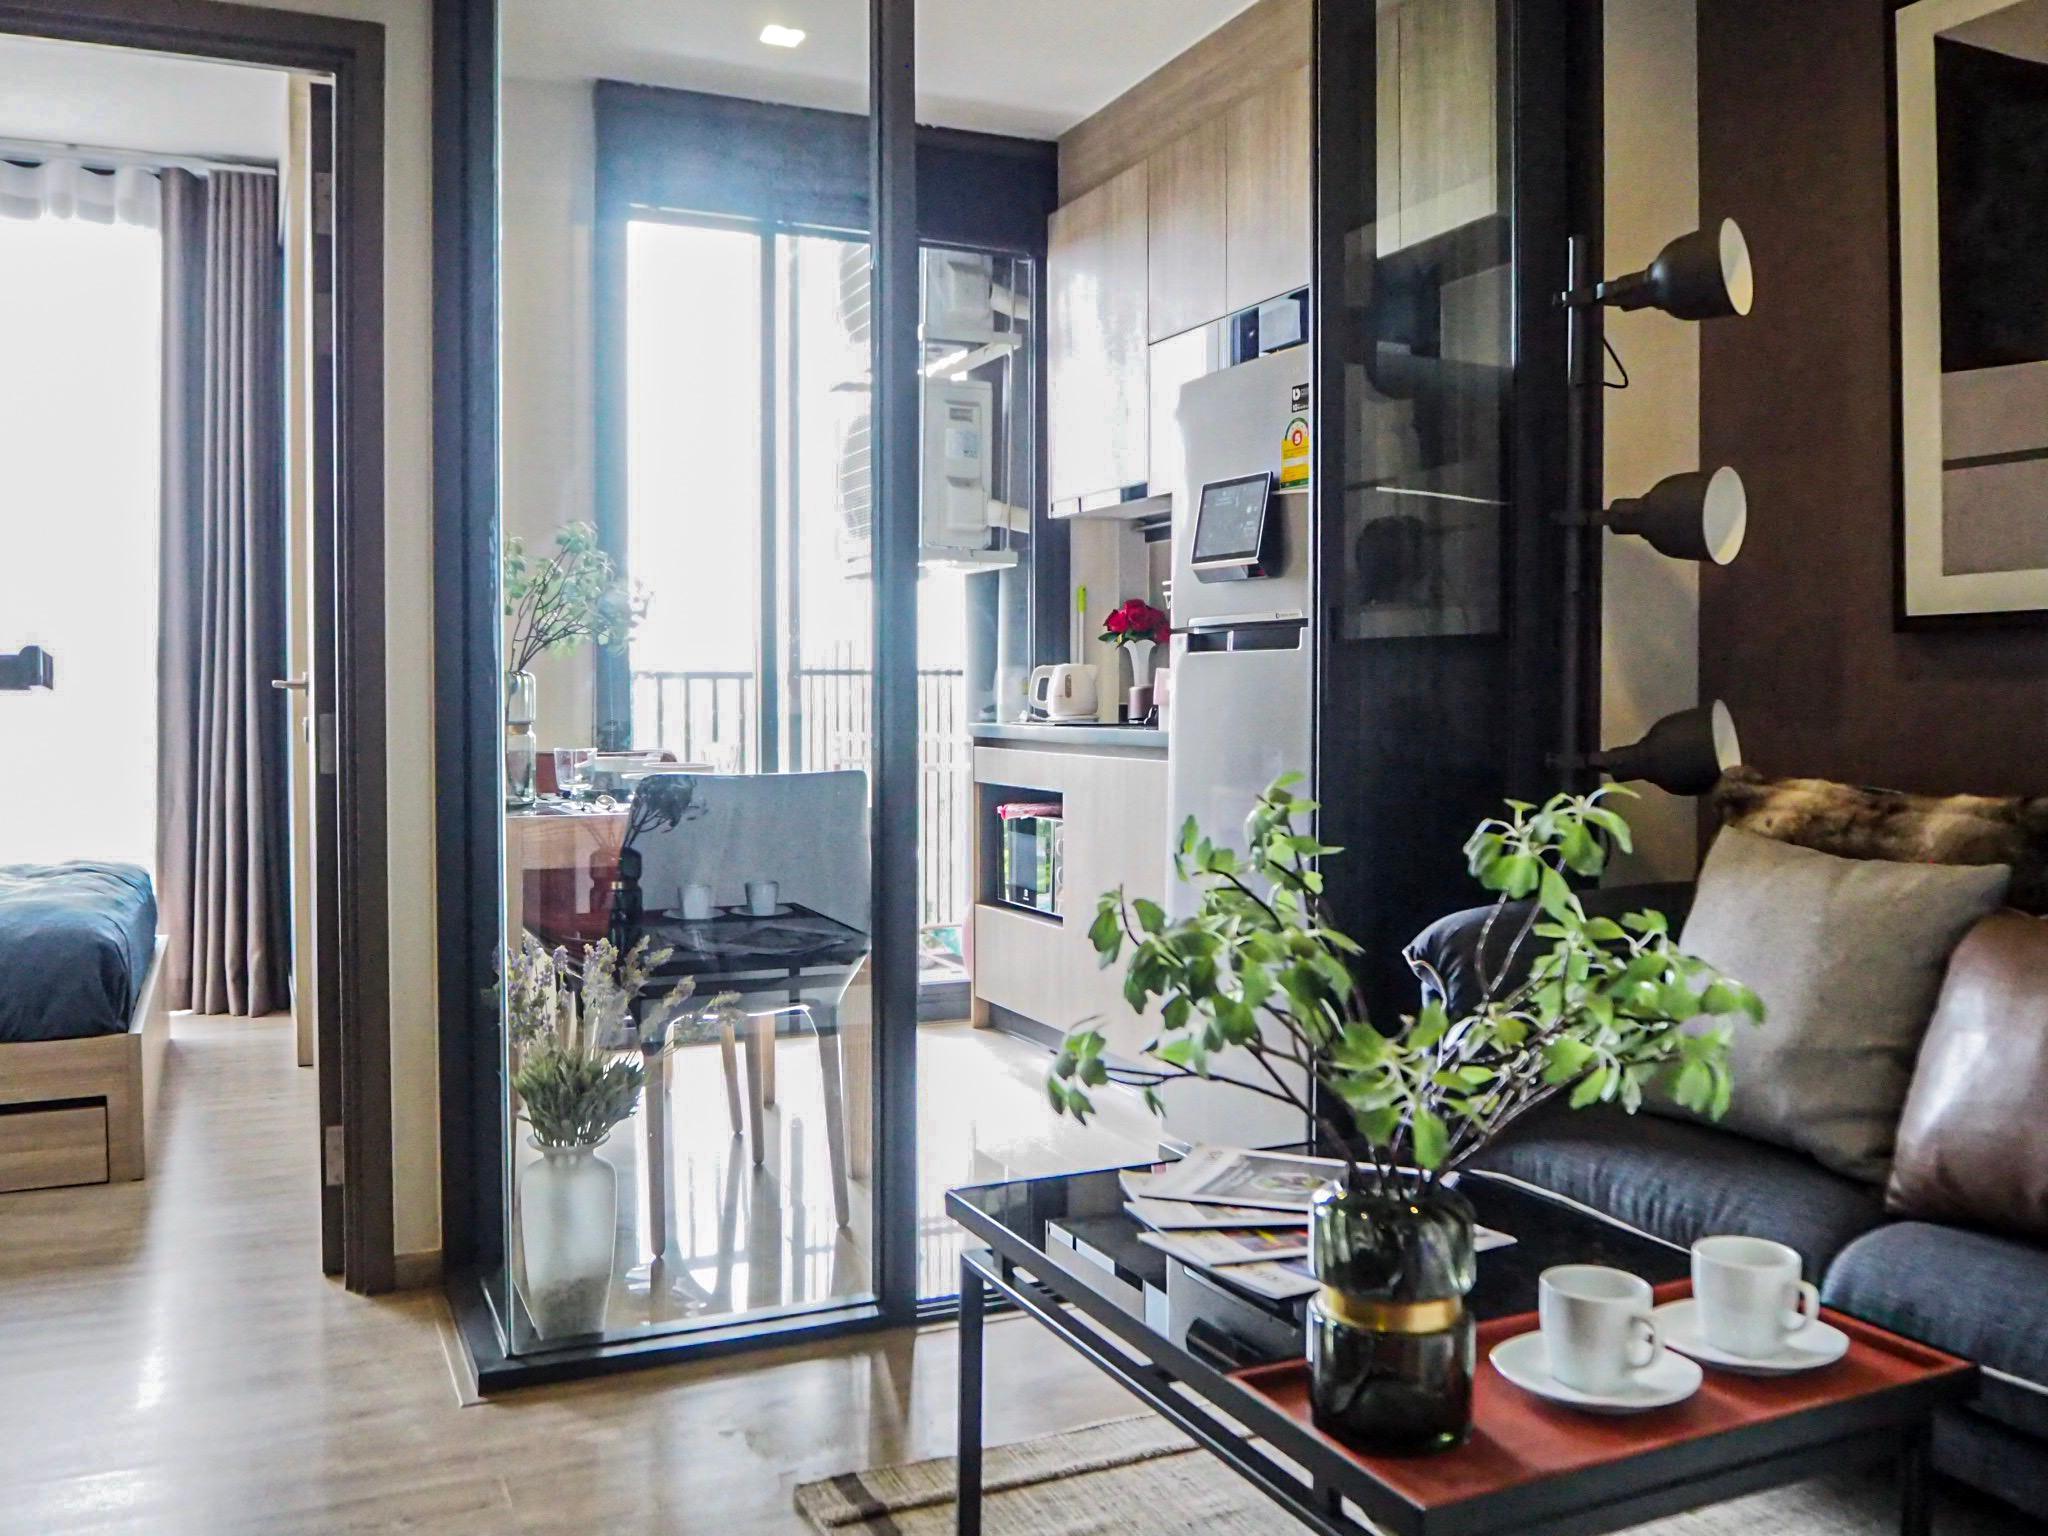 a minute walk to sky train - full furnish/wifi อพาร์ตเมนต์ 1 ห้องนอน 1 ห้องน้ำส่วนตัว ขนาด 28 ตร.ม. – จตุจักร